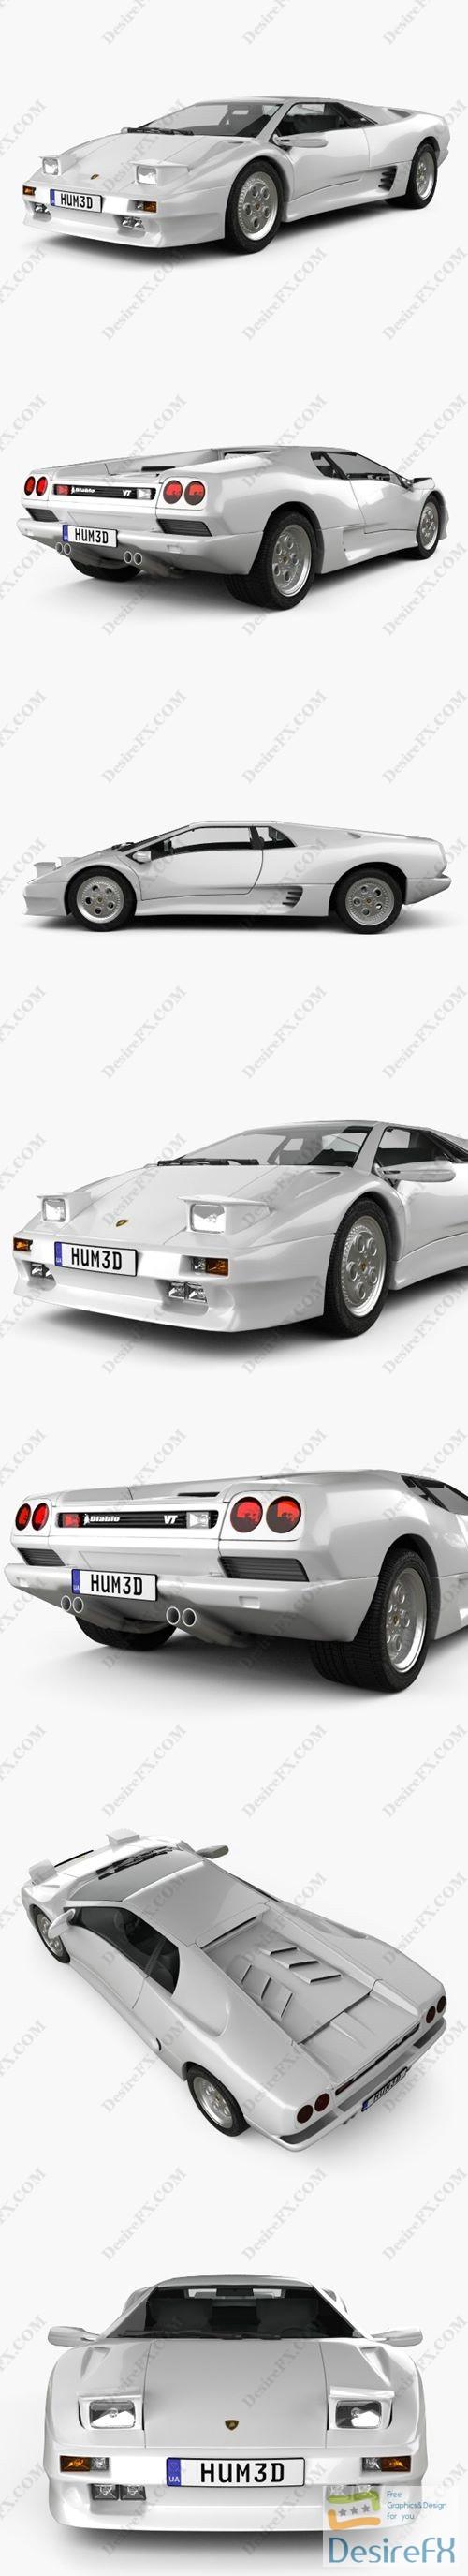 Lamborghini Diablo VT 1993 3D Model